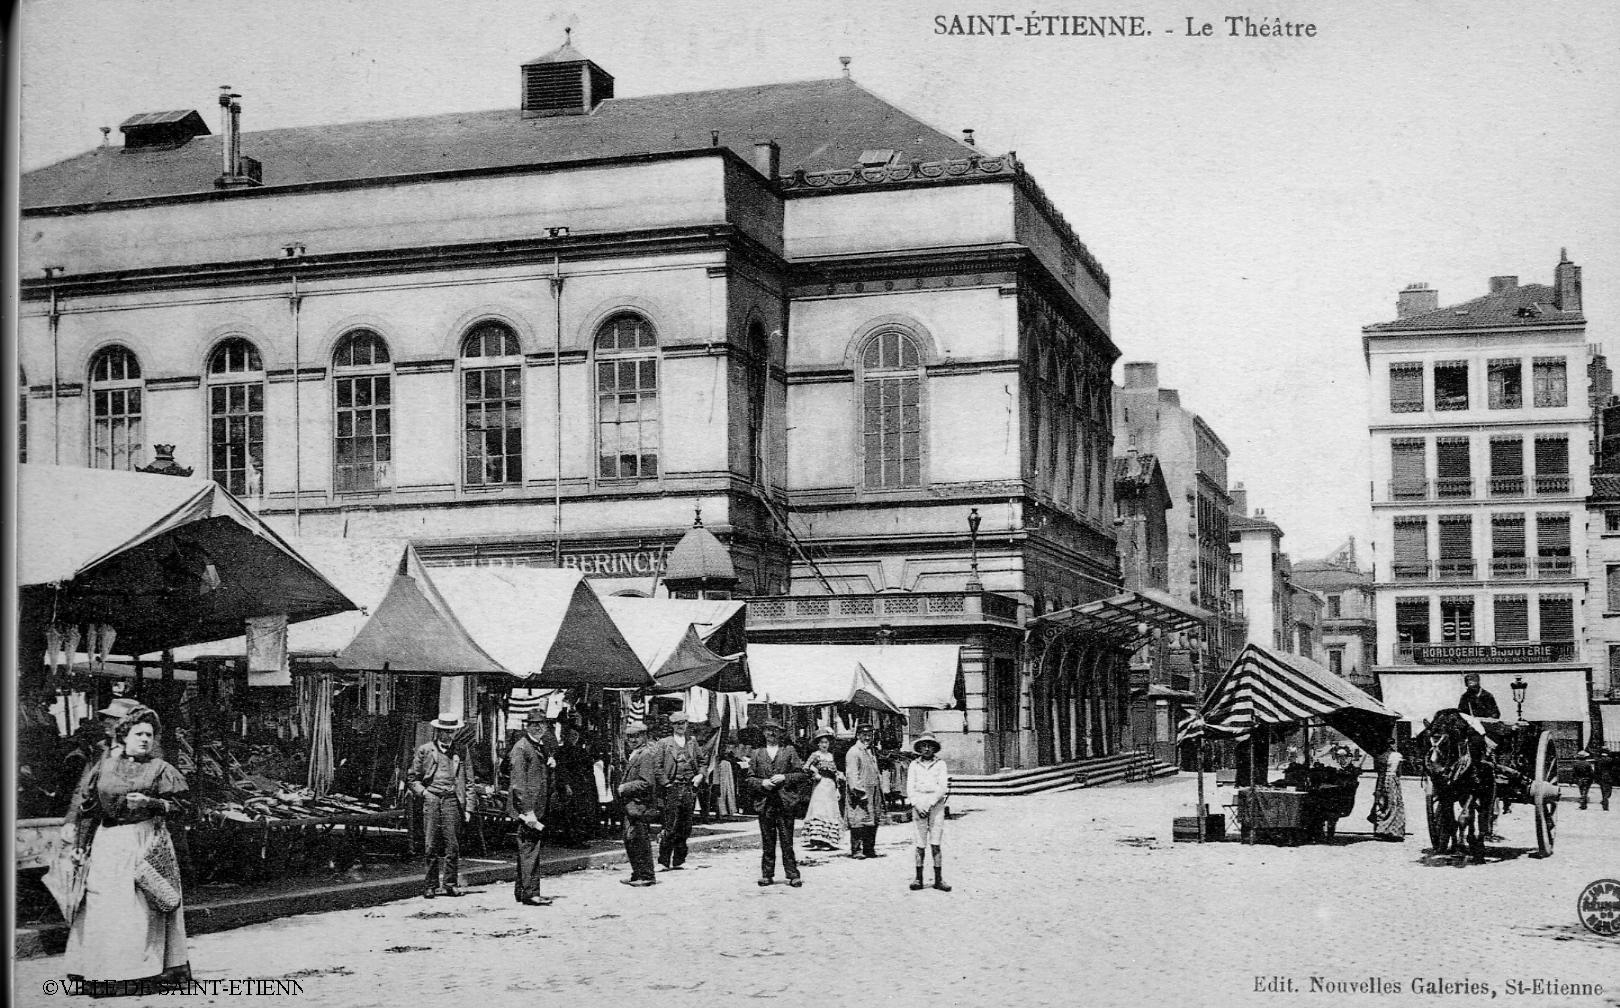 https://lectura.territorium.io/galerie/01_balade_saint_etienne/theatre_massenet.jpg